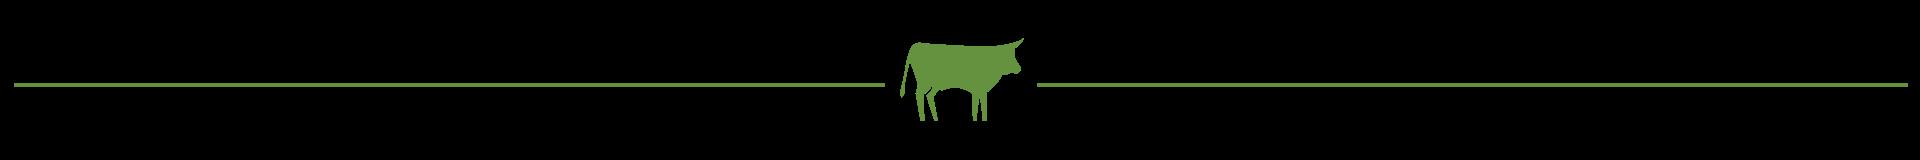 Rind und Schwein